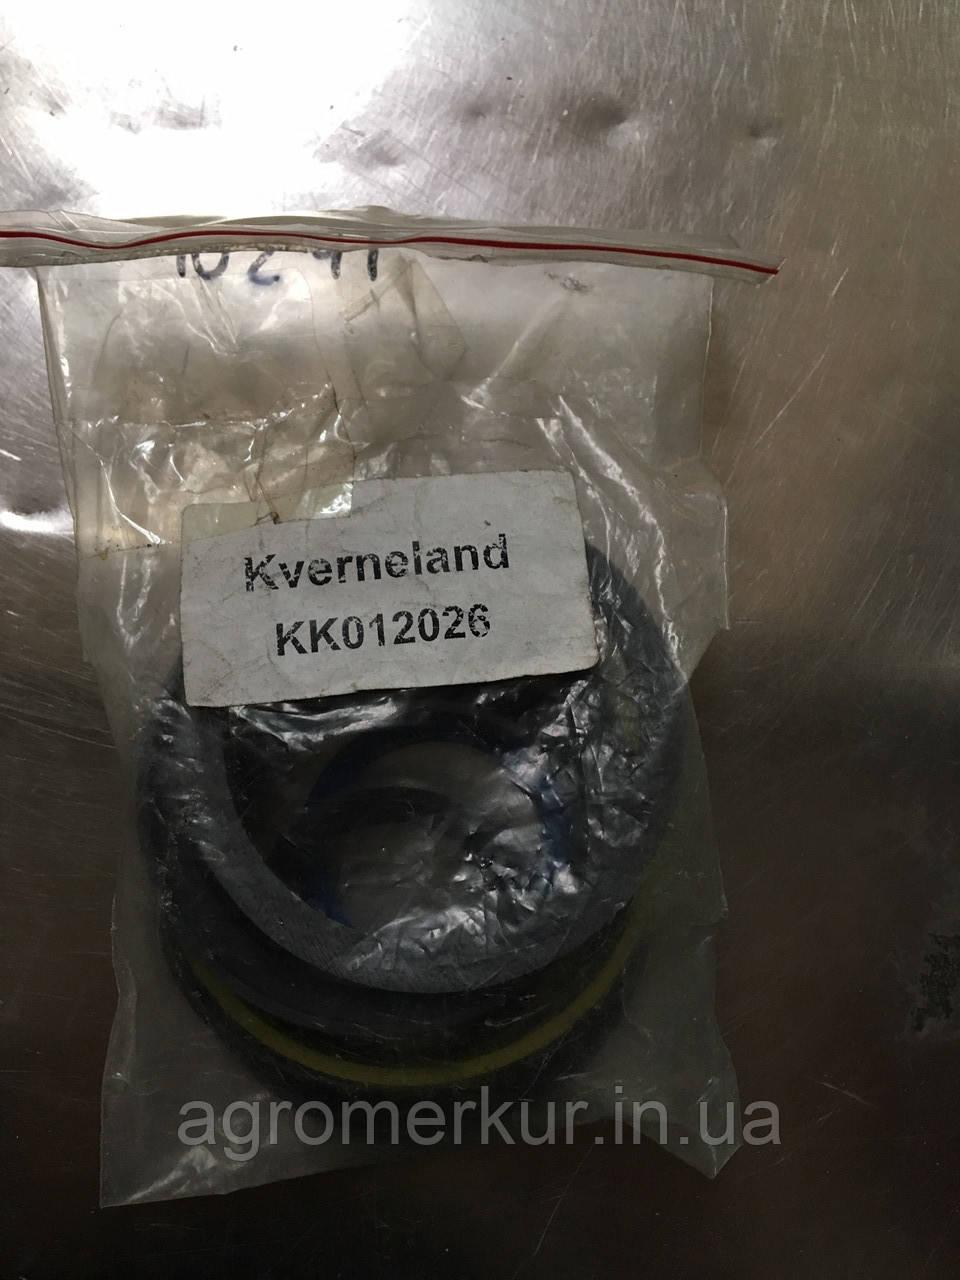 Ремкомплект KK012026 Kverneland